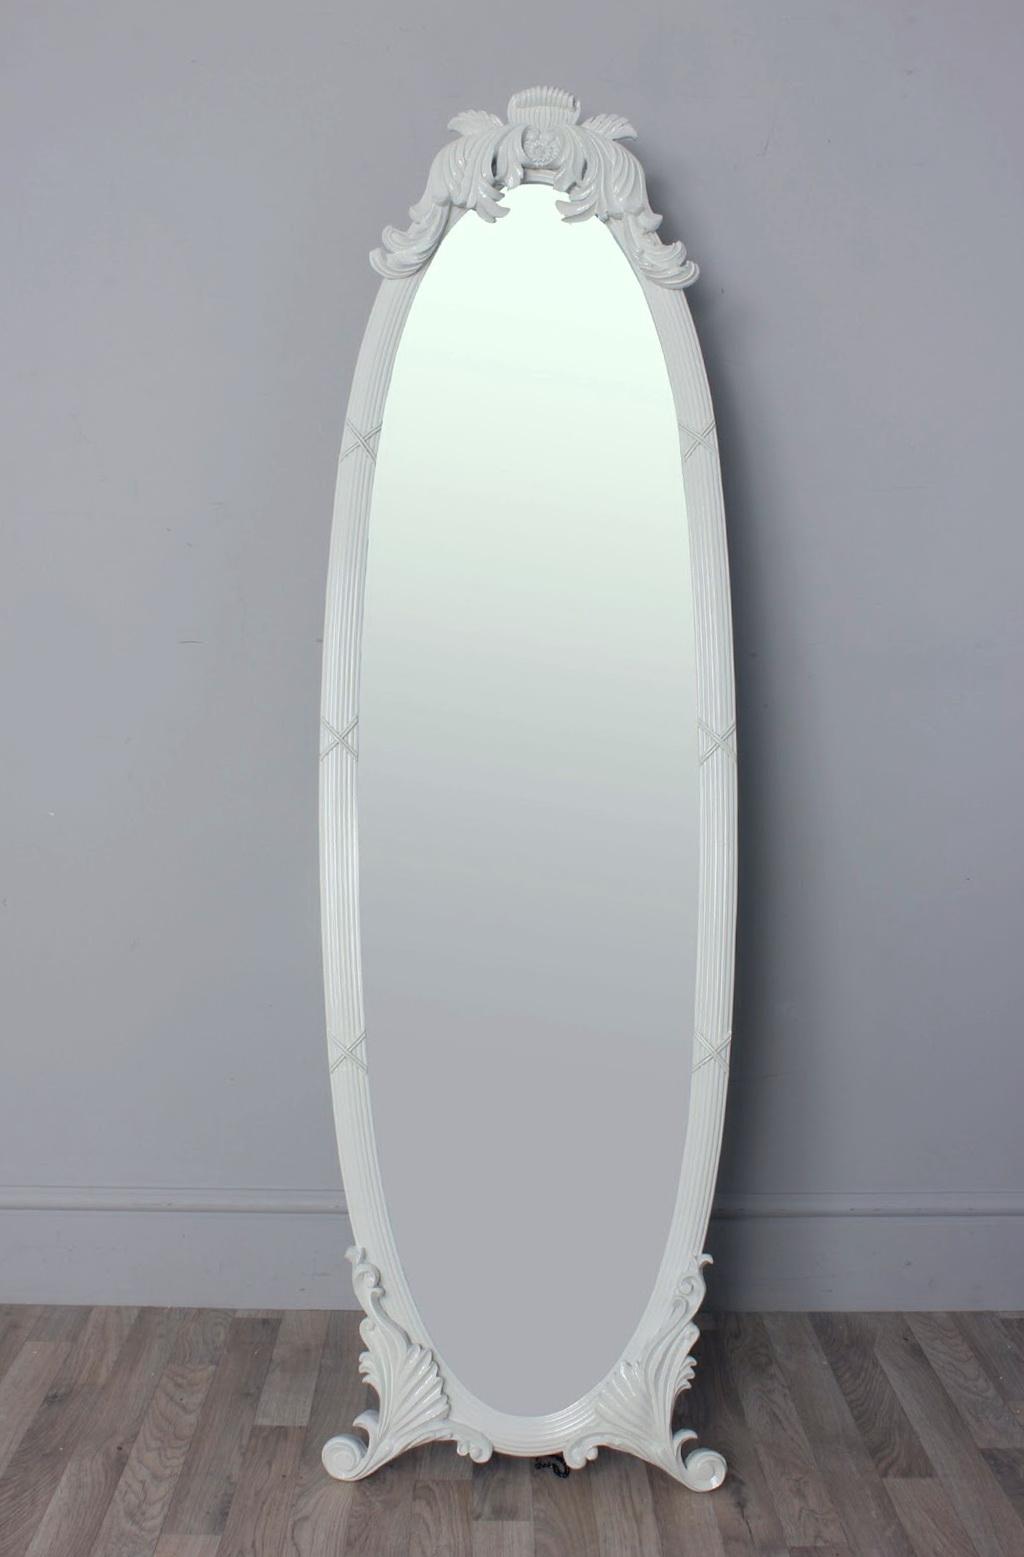 Floor Length Mirrors Amazon